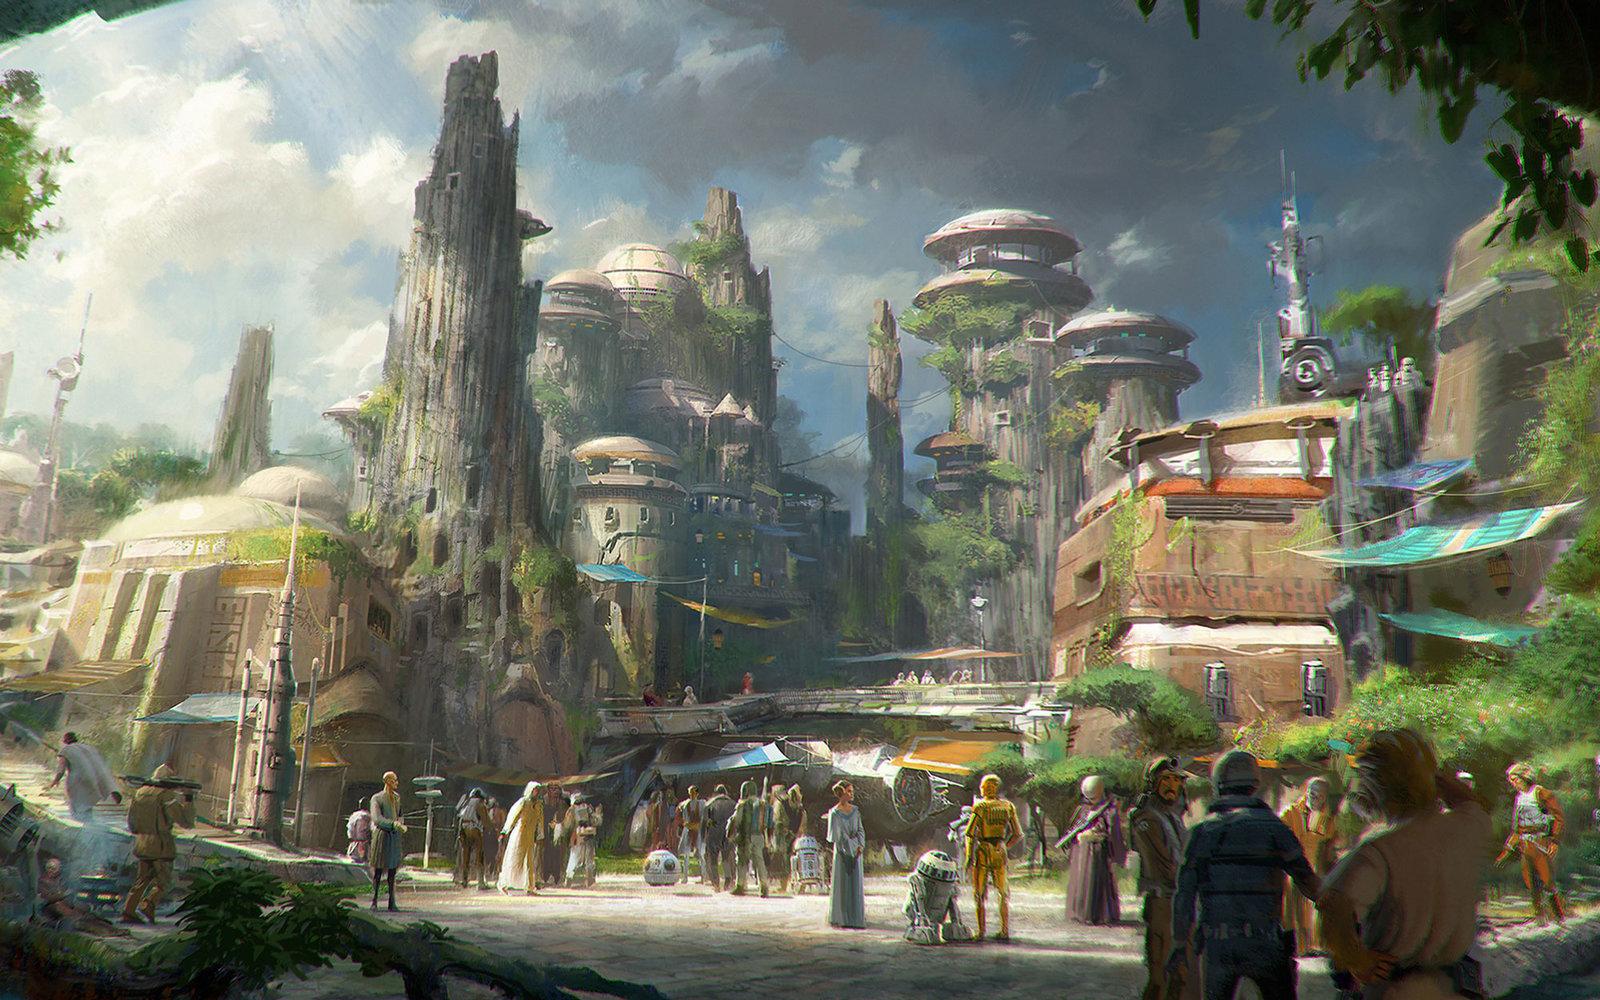 interno del parco star wars land